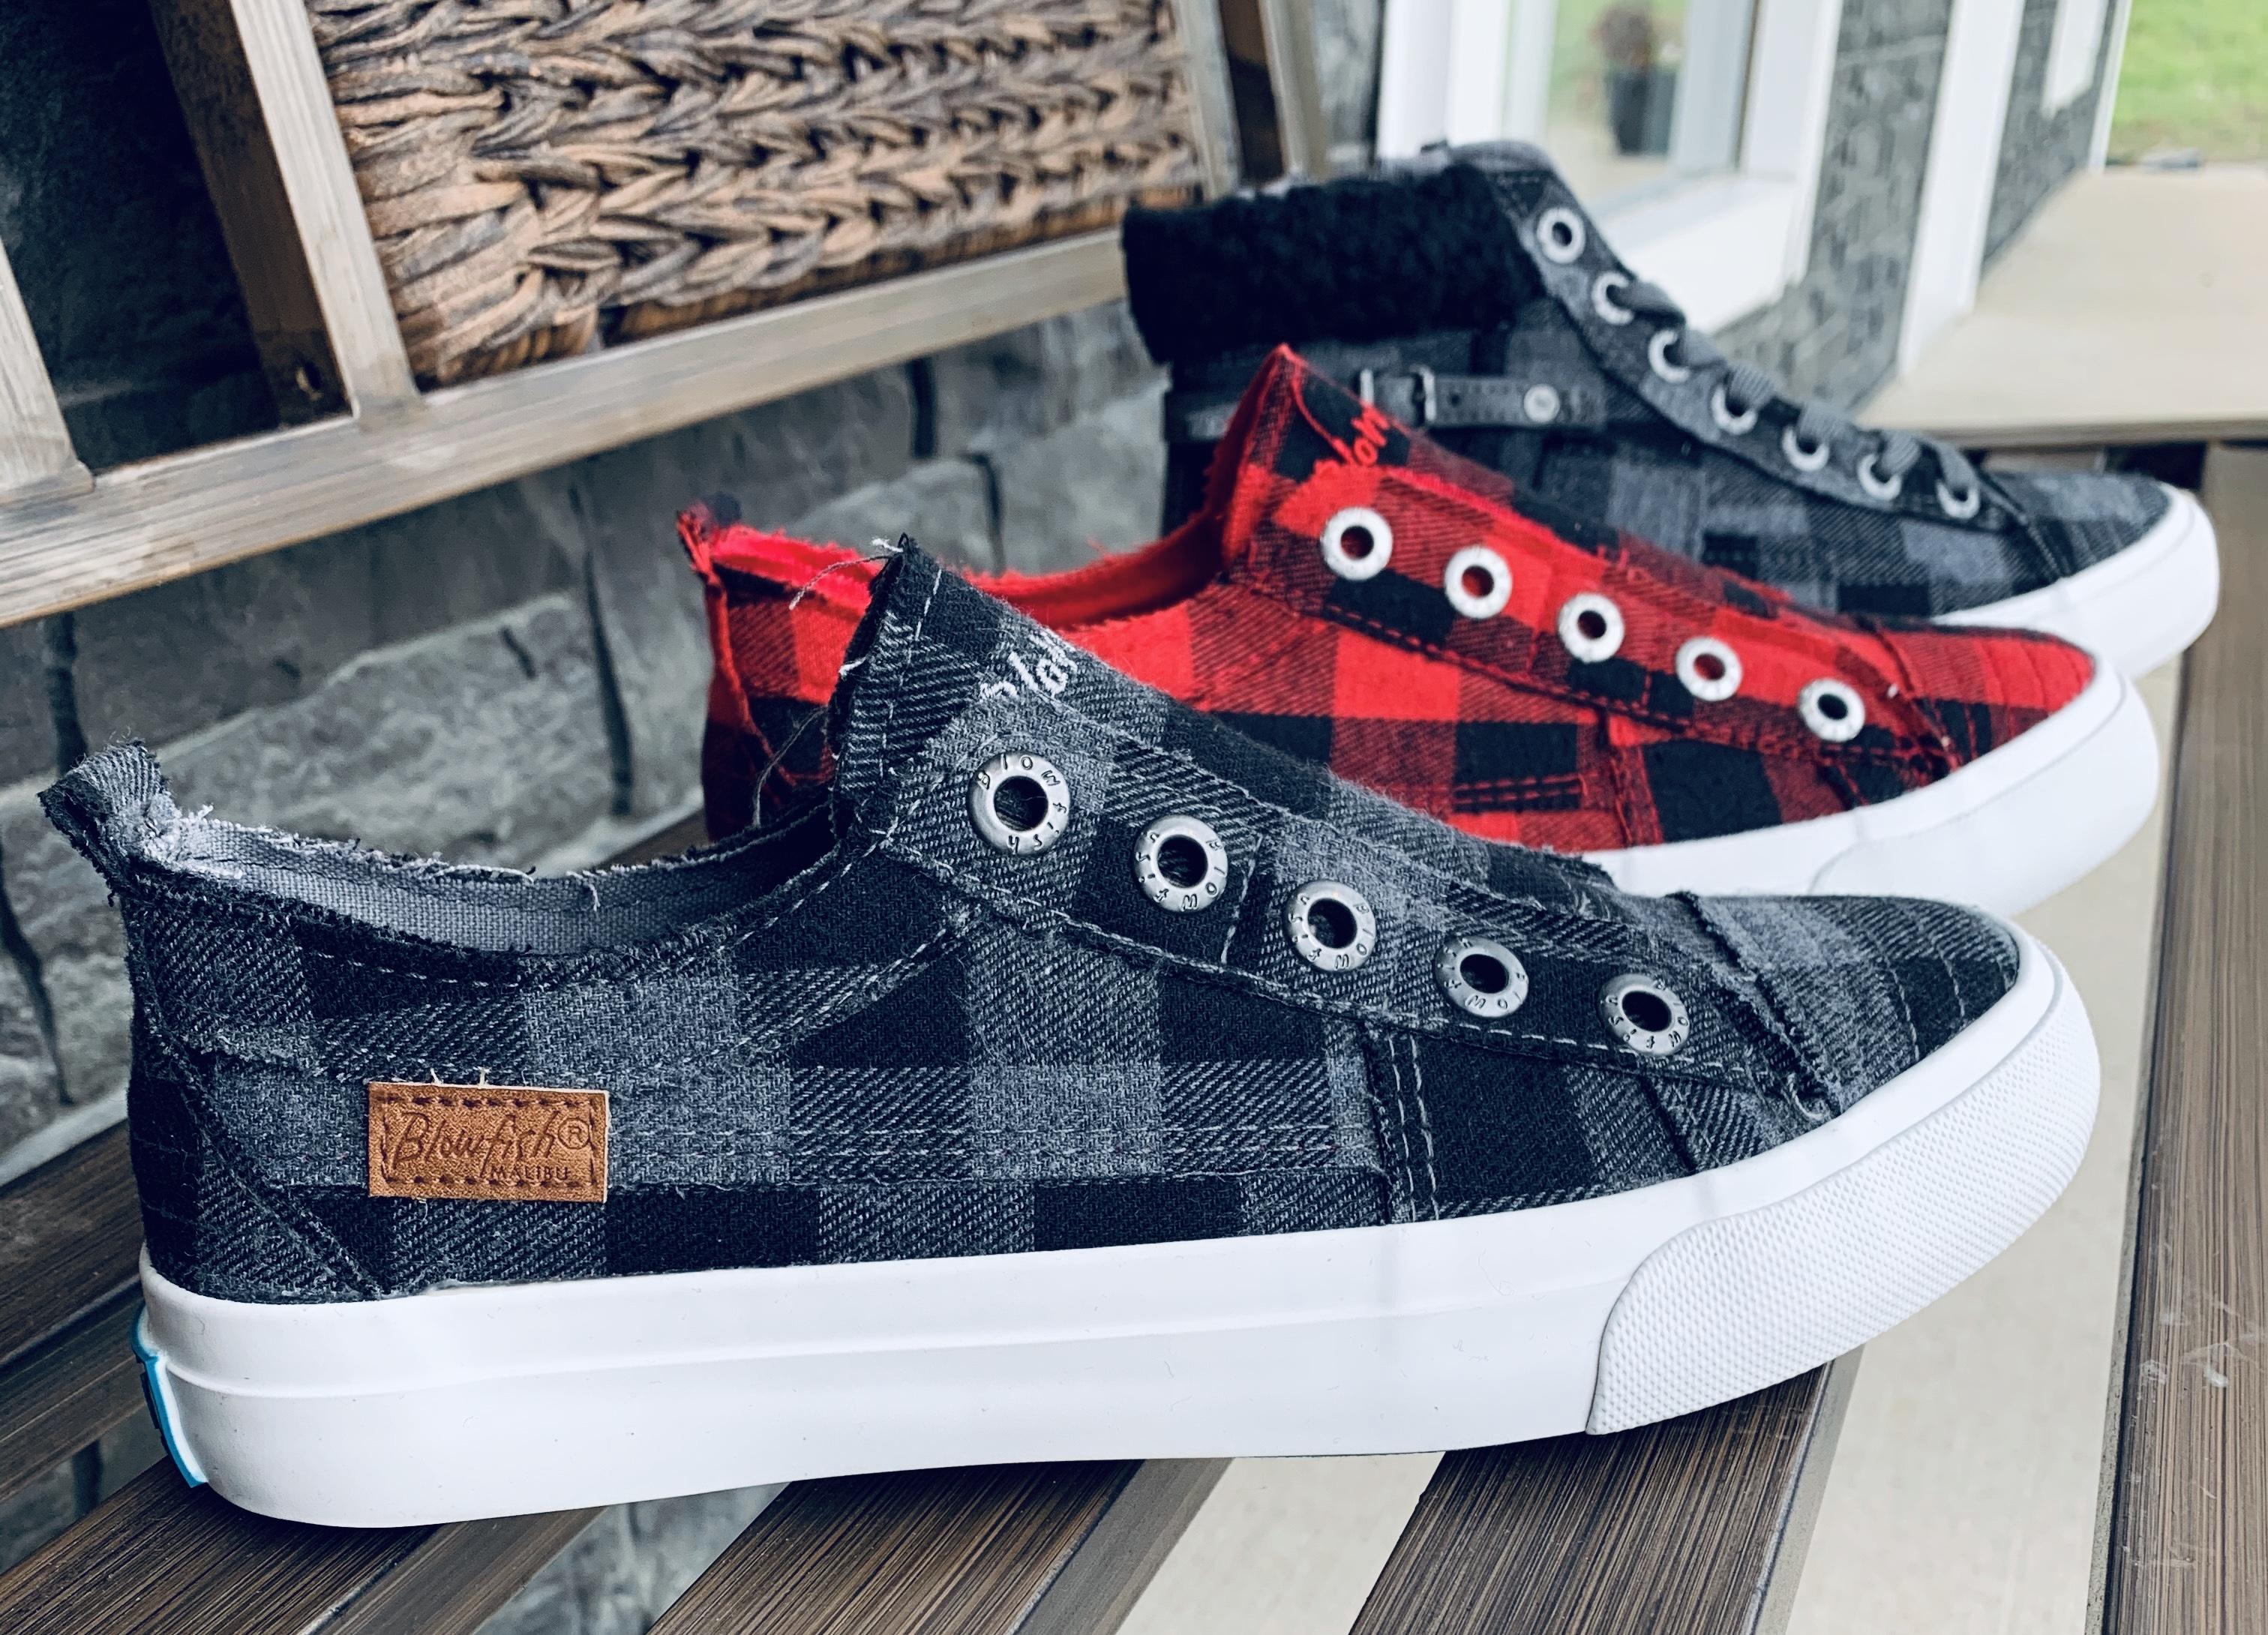 Shop Our Blowfish Shoes & Boots!